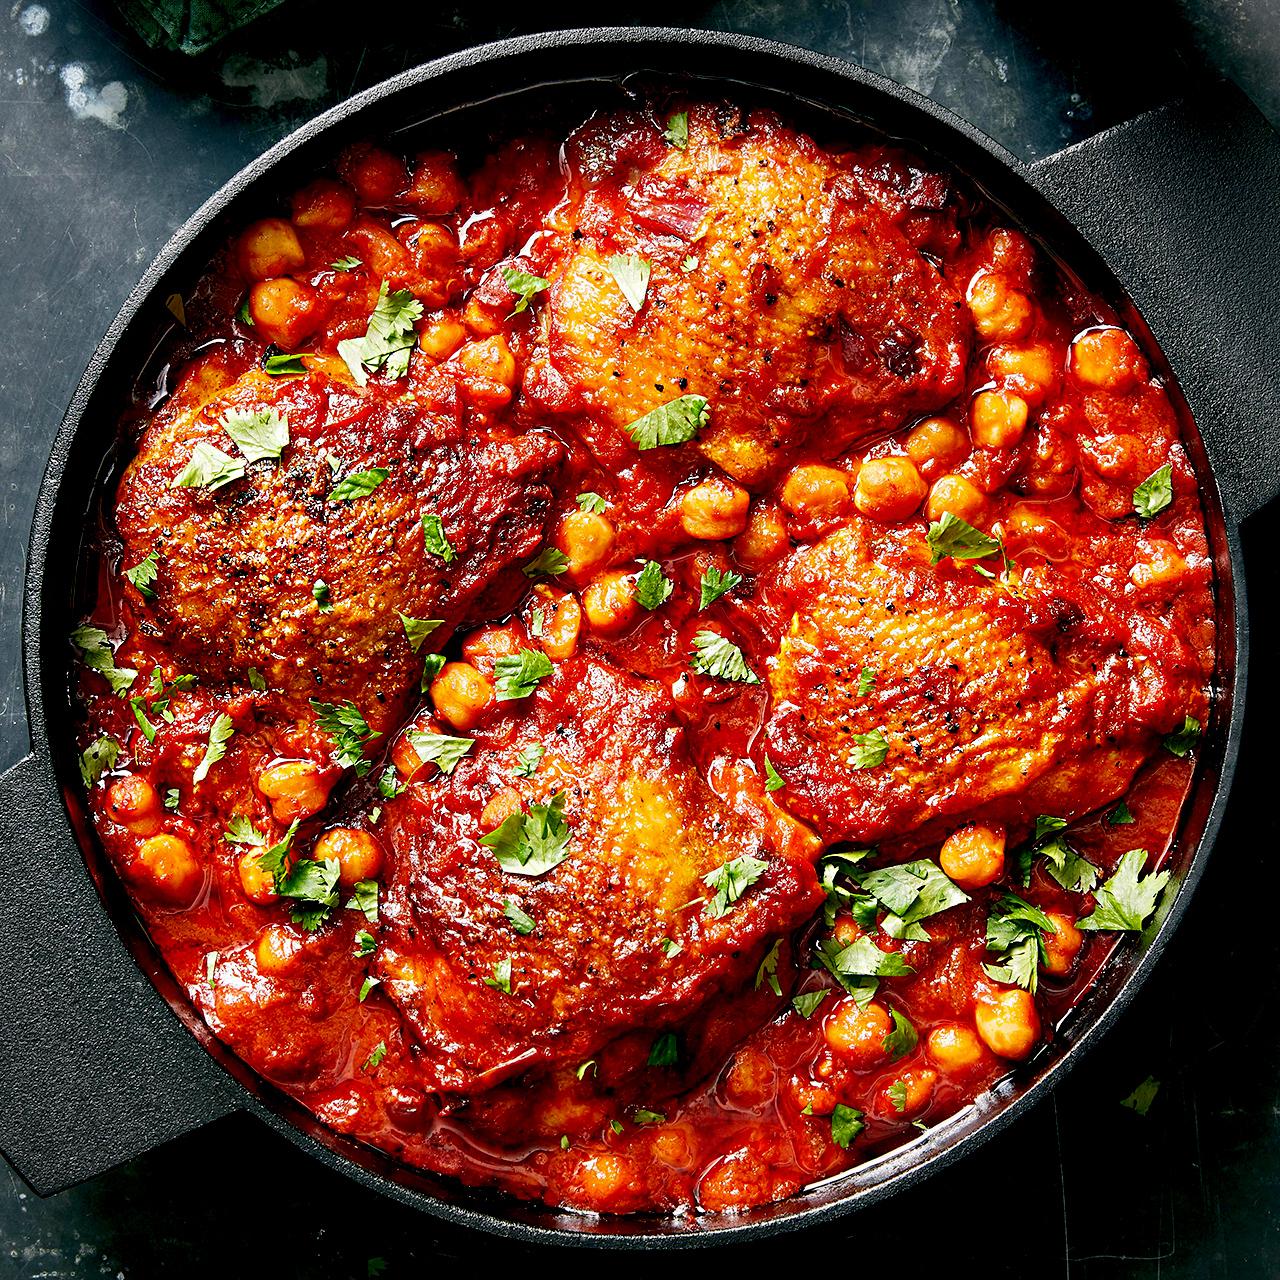 Moroccan Chicken & Chickpeas